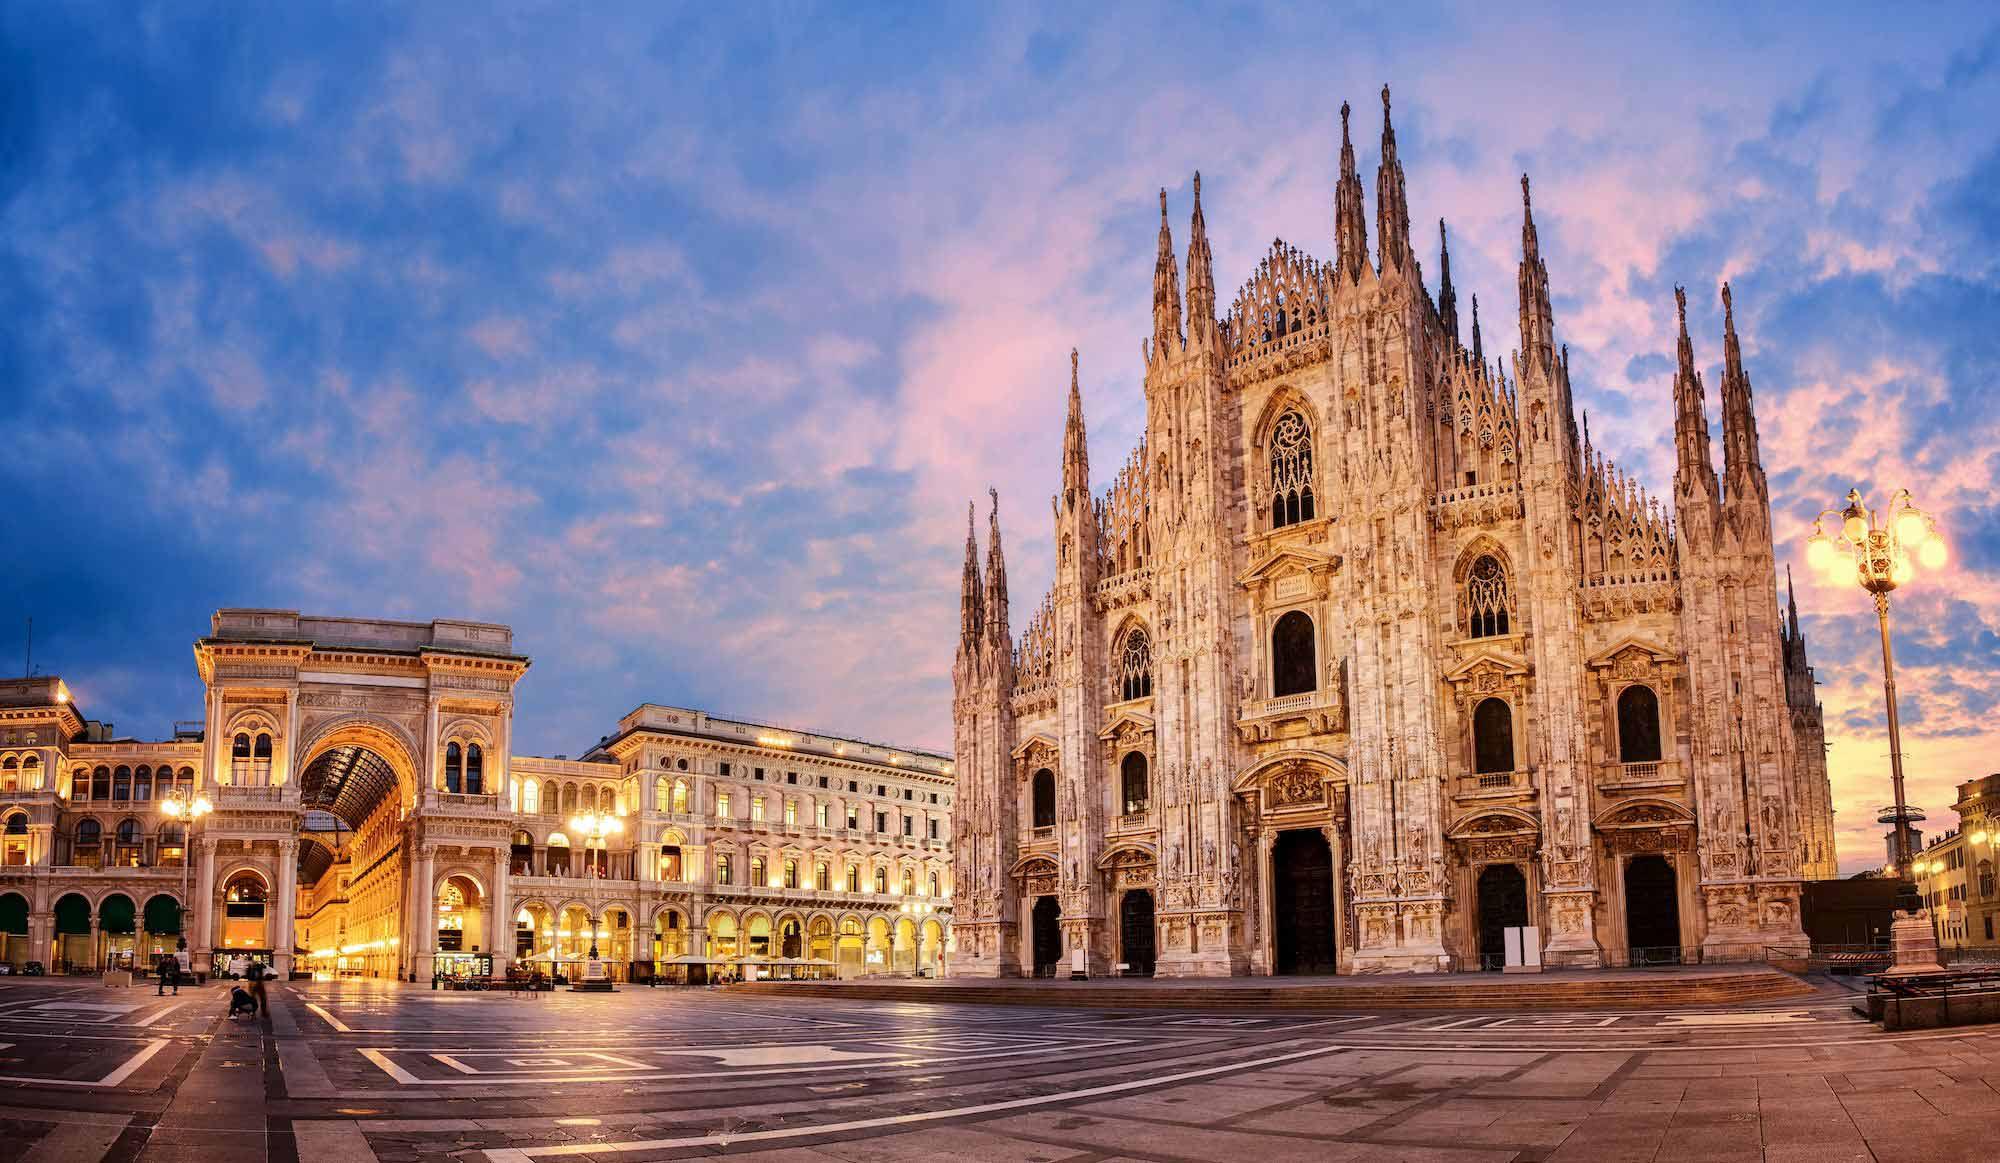 مهم ترین جاذبه های گردشگری ایتالیا - رم و میلان